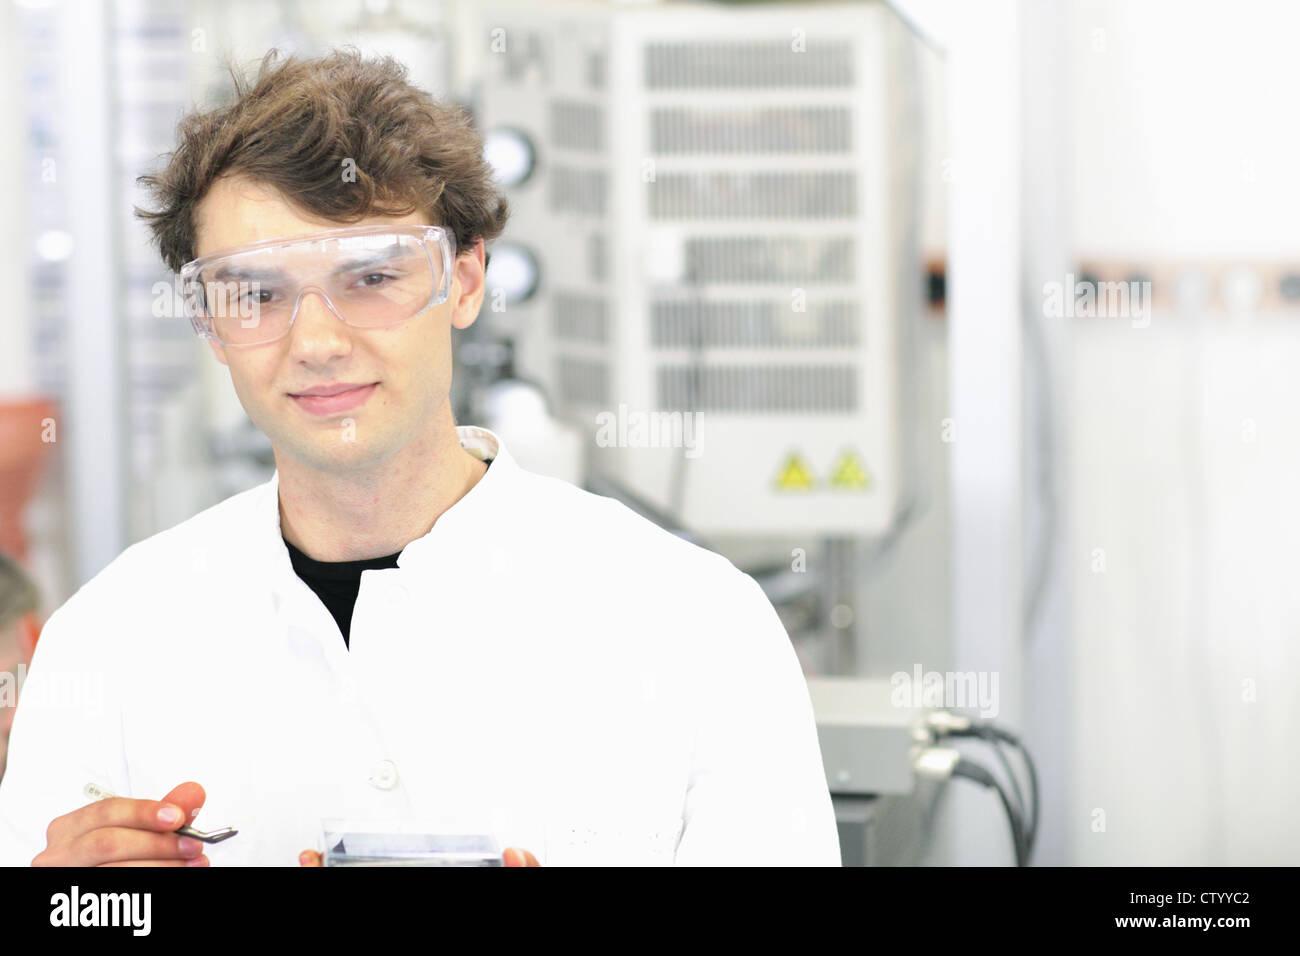 Scientist llevaba gafas de seguridad en el laboratorio Imagen De Stock